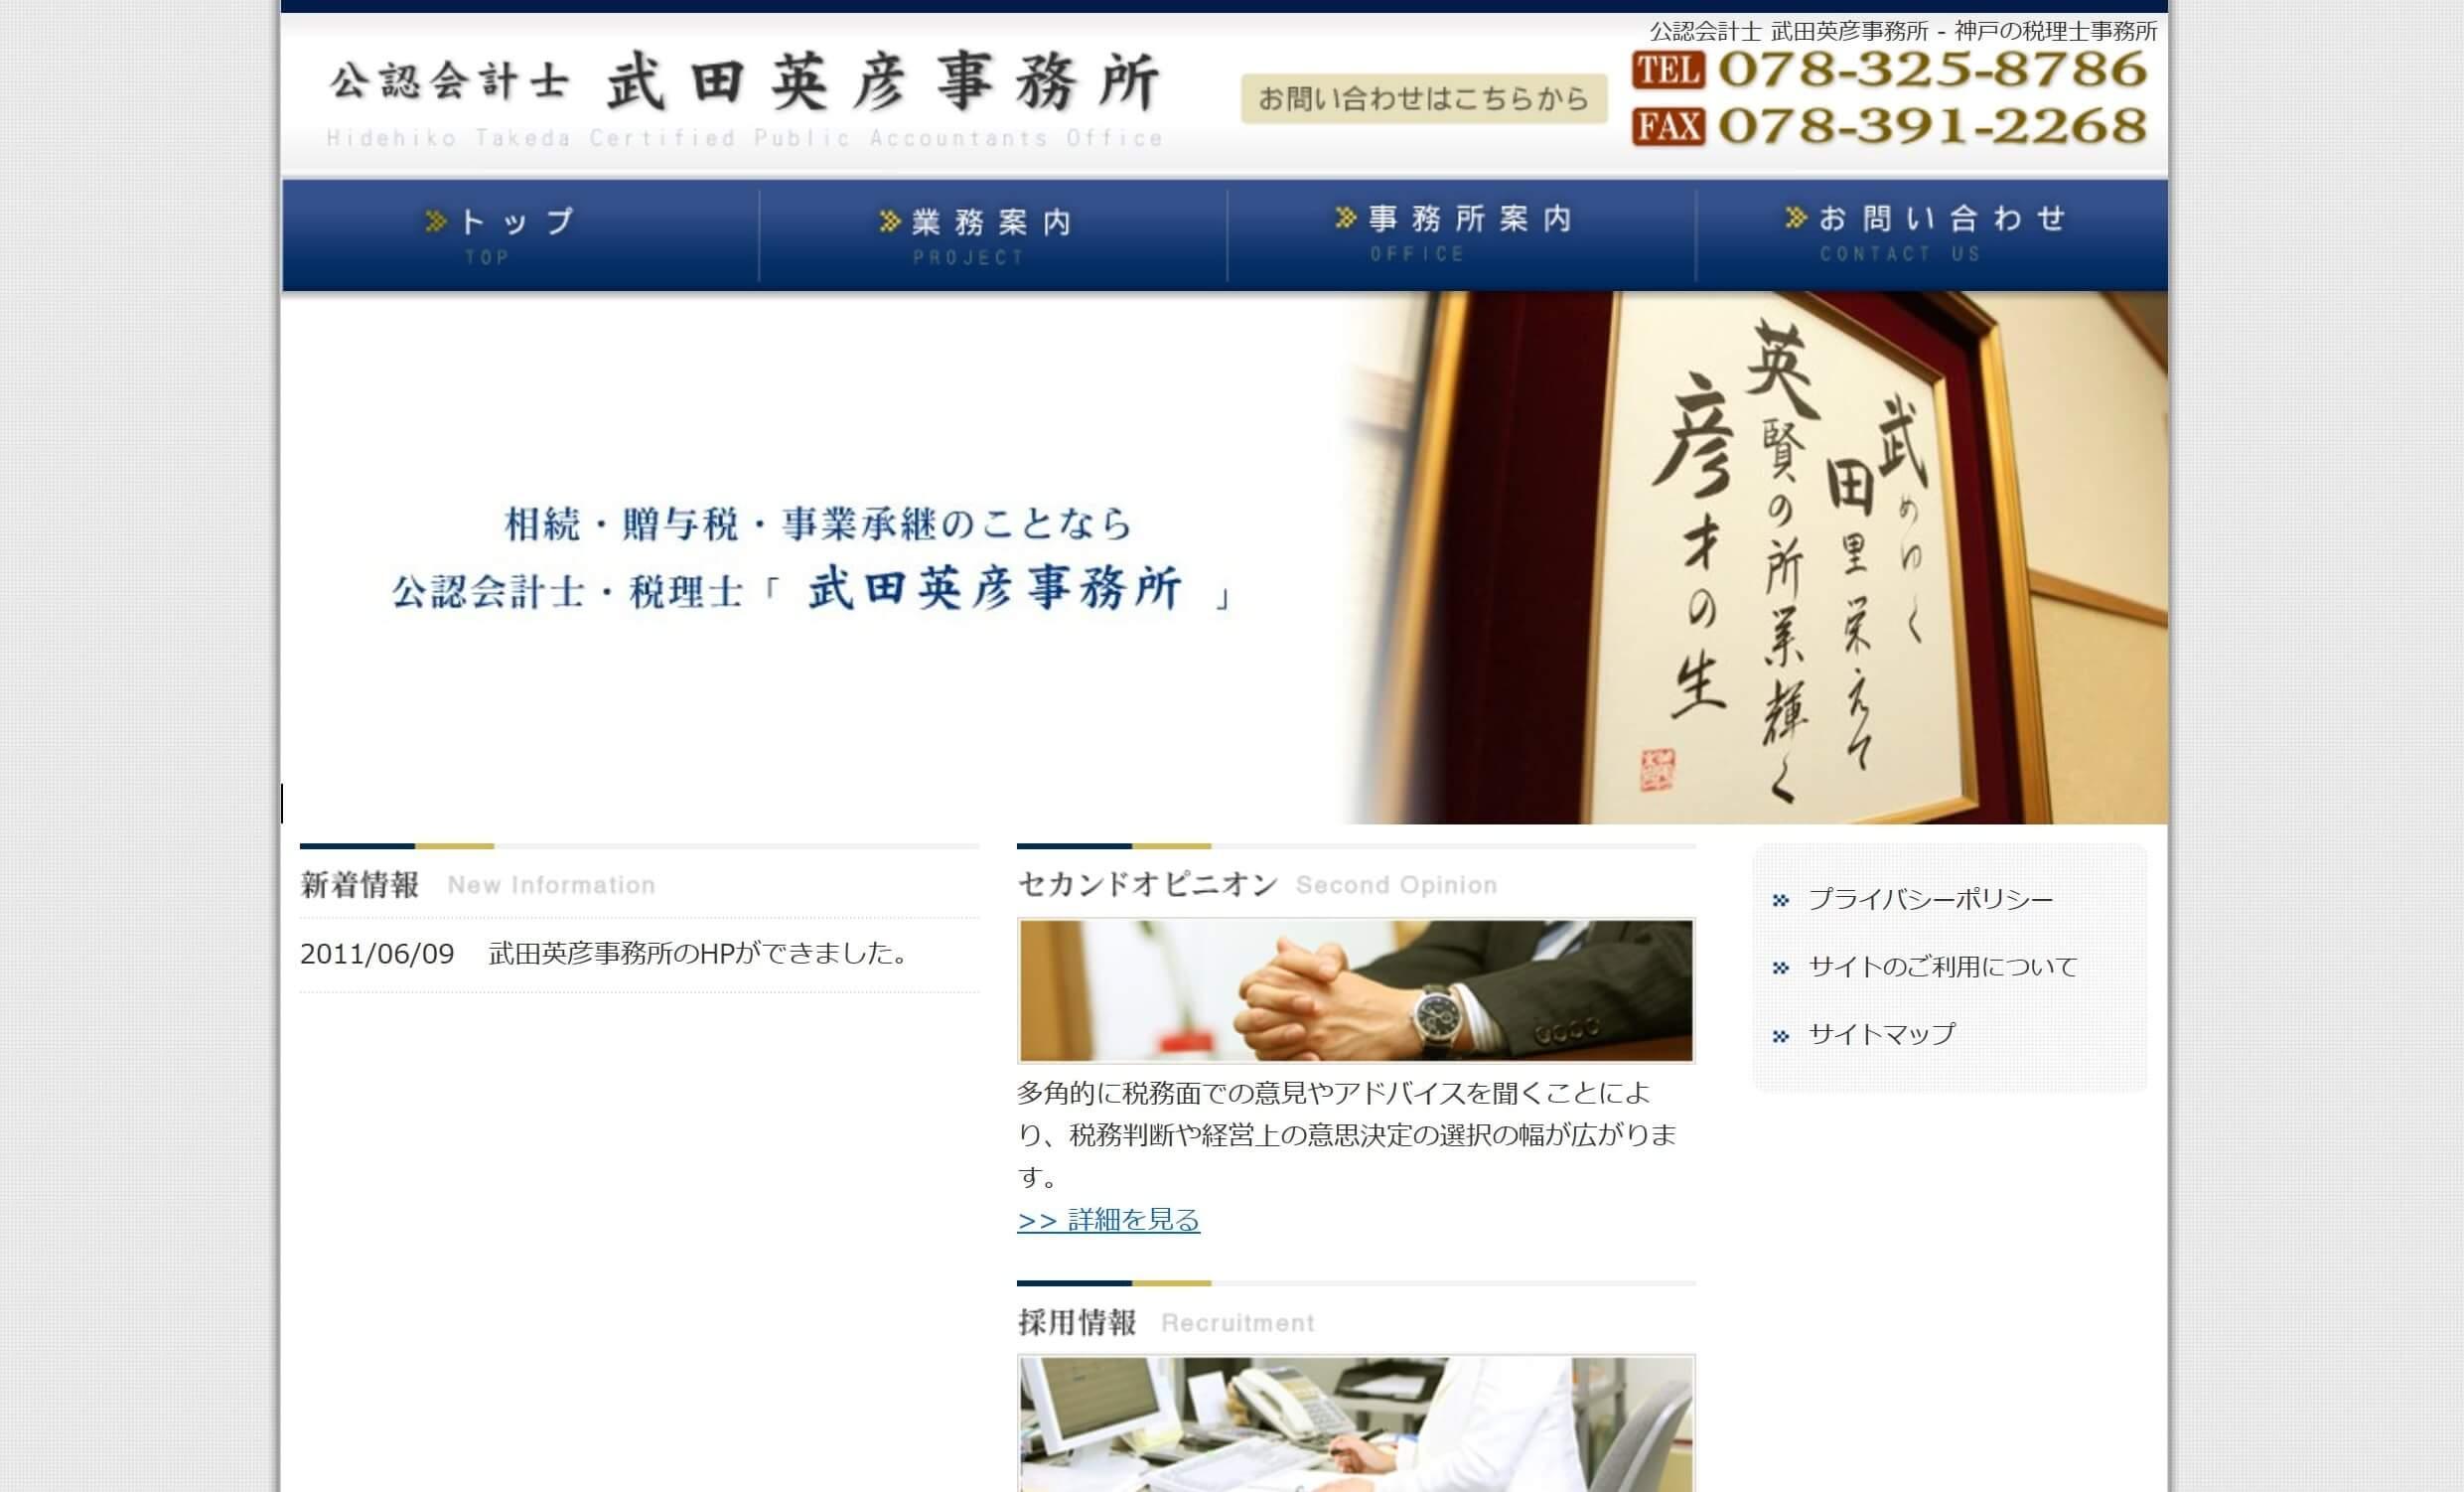 武田英彦公認会計士税理士事務所